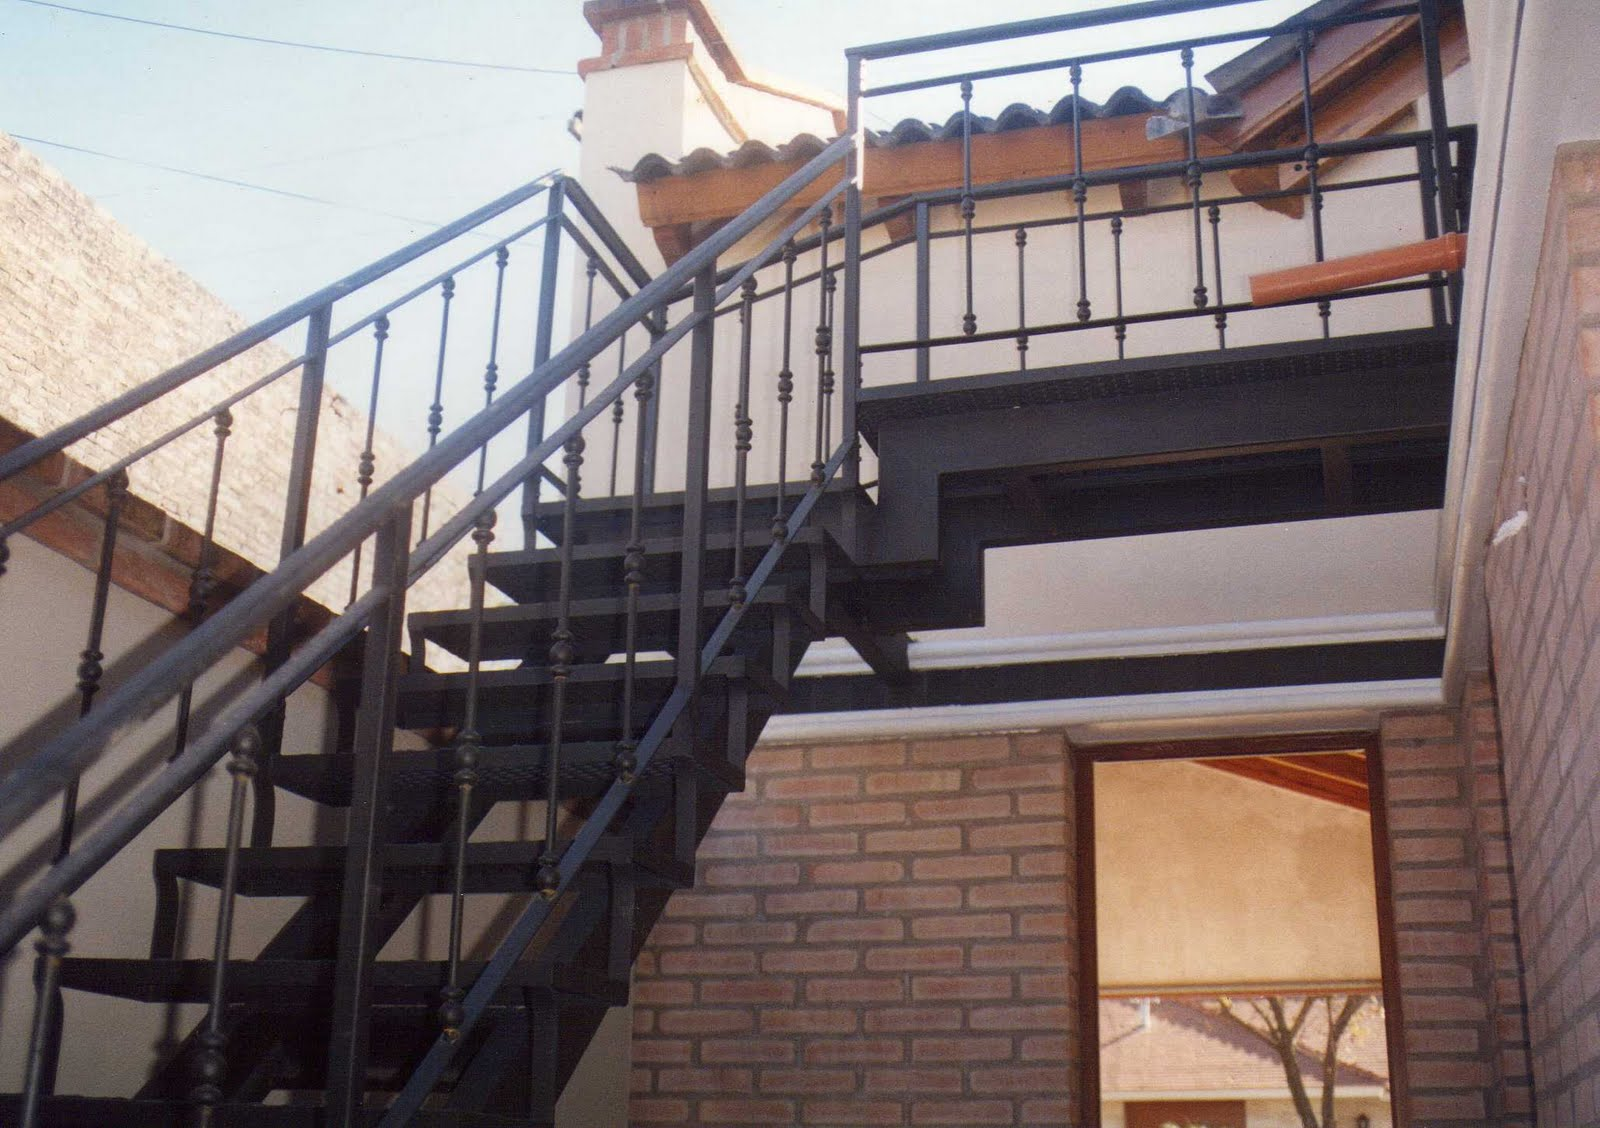 Fabrica de escaleras de hierro forjado ceroli escaleras - Escaleras de hierro para exterior ...